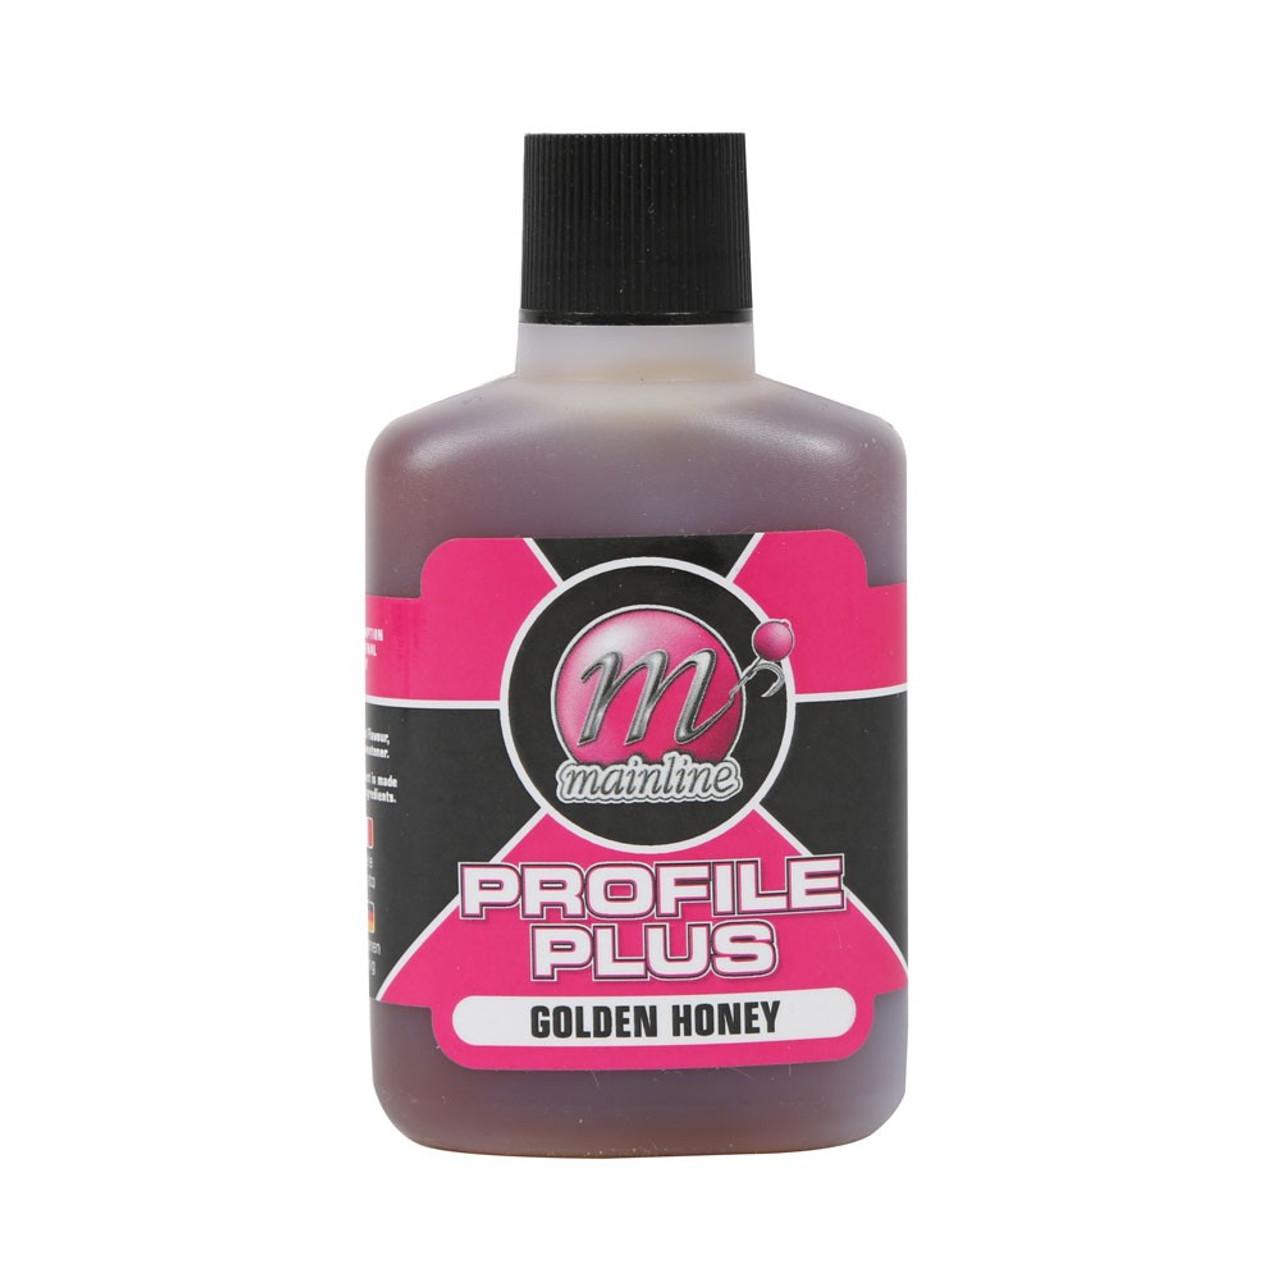 Mainline Golden Honey Profile Plus Flavour 60ml